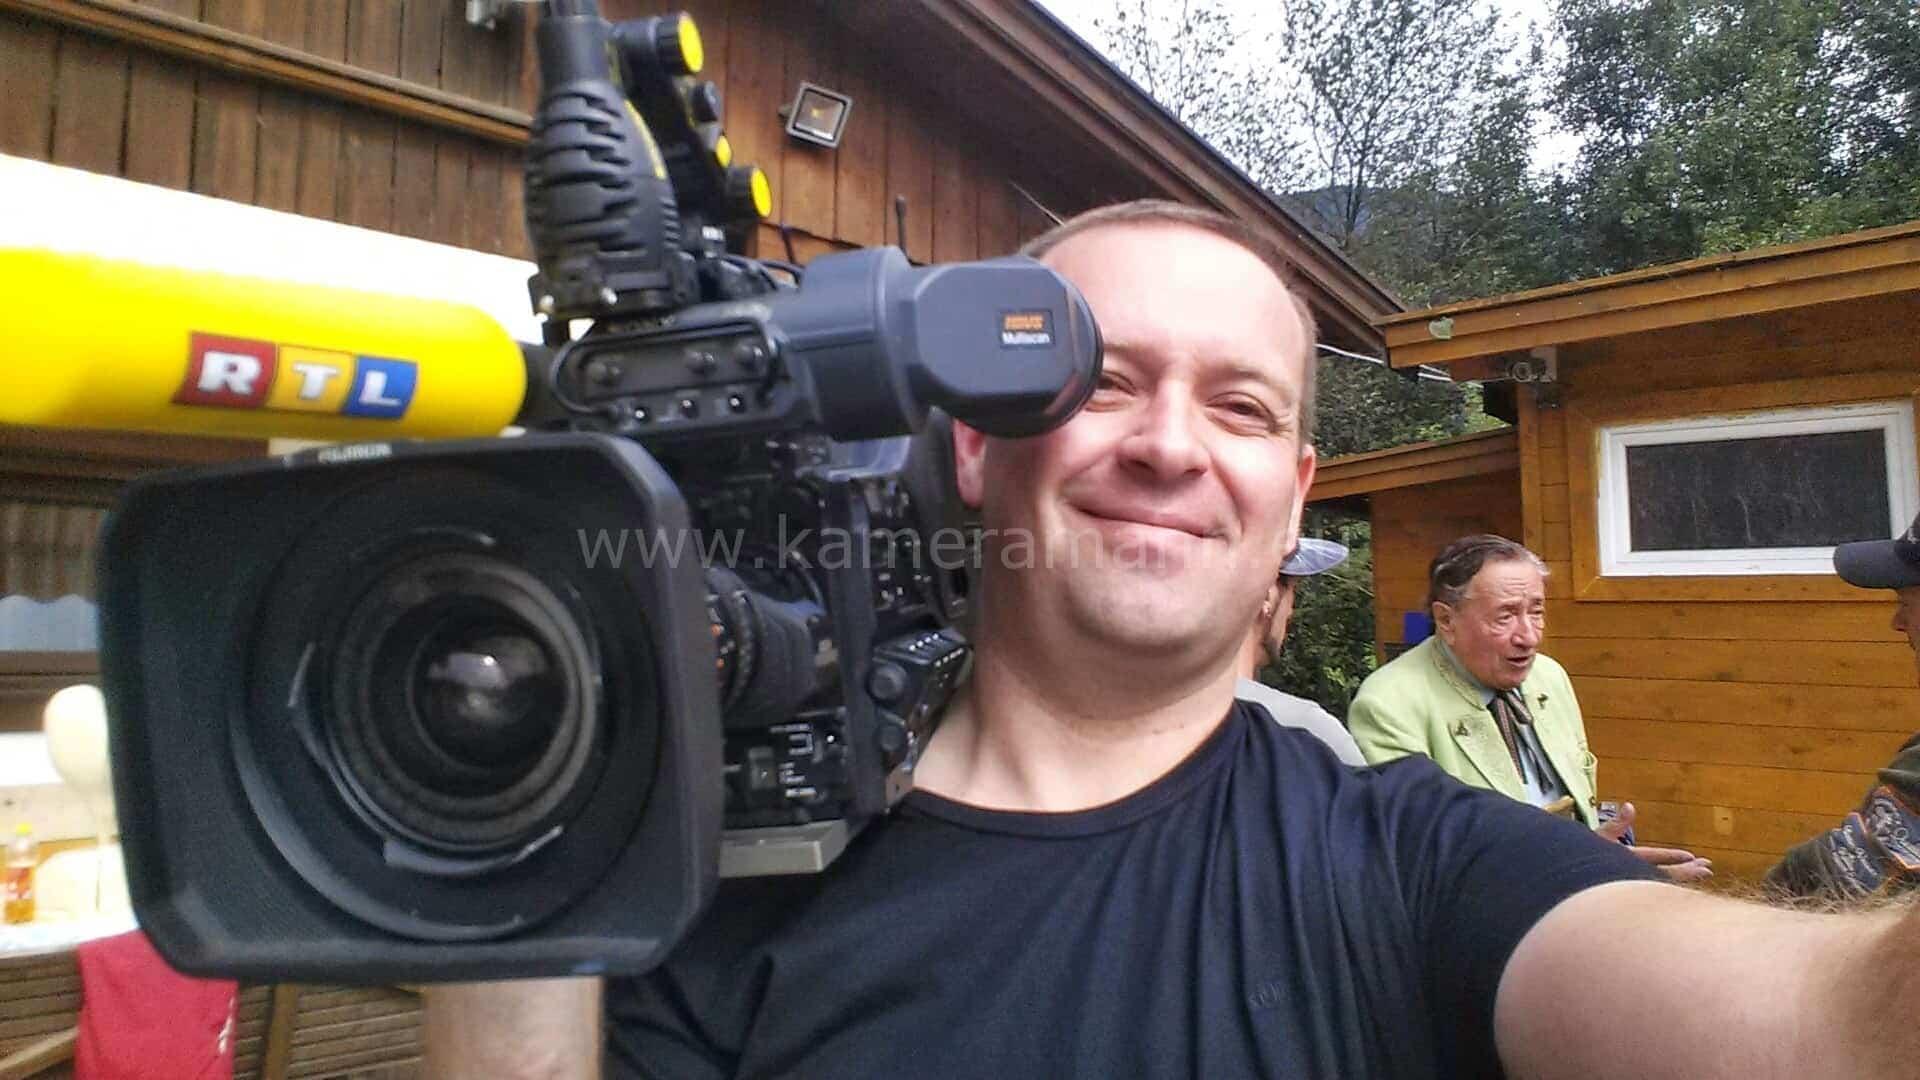 wpid 20150919 1235370 01 - RTL -  Dreharbeiten mit Cathy und Richard Lugner